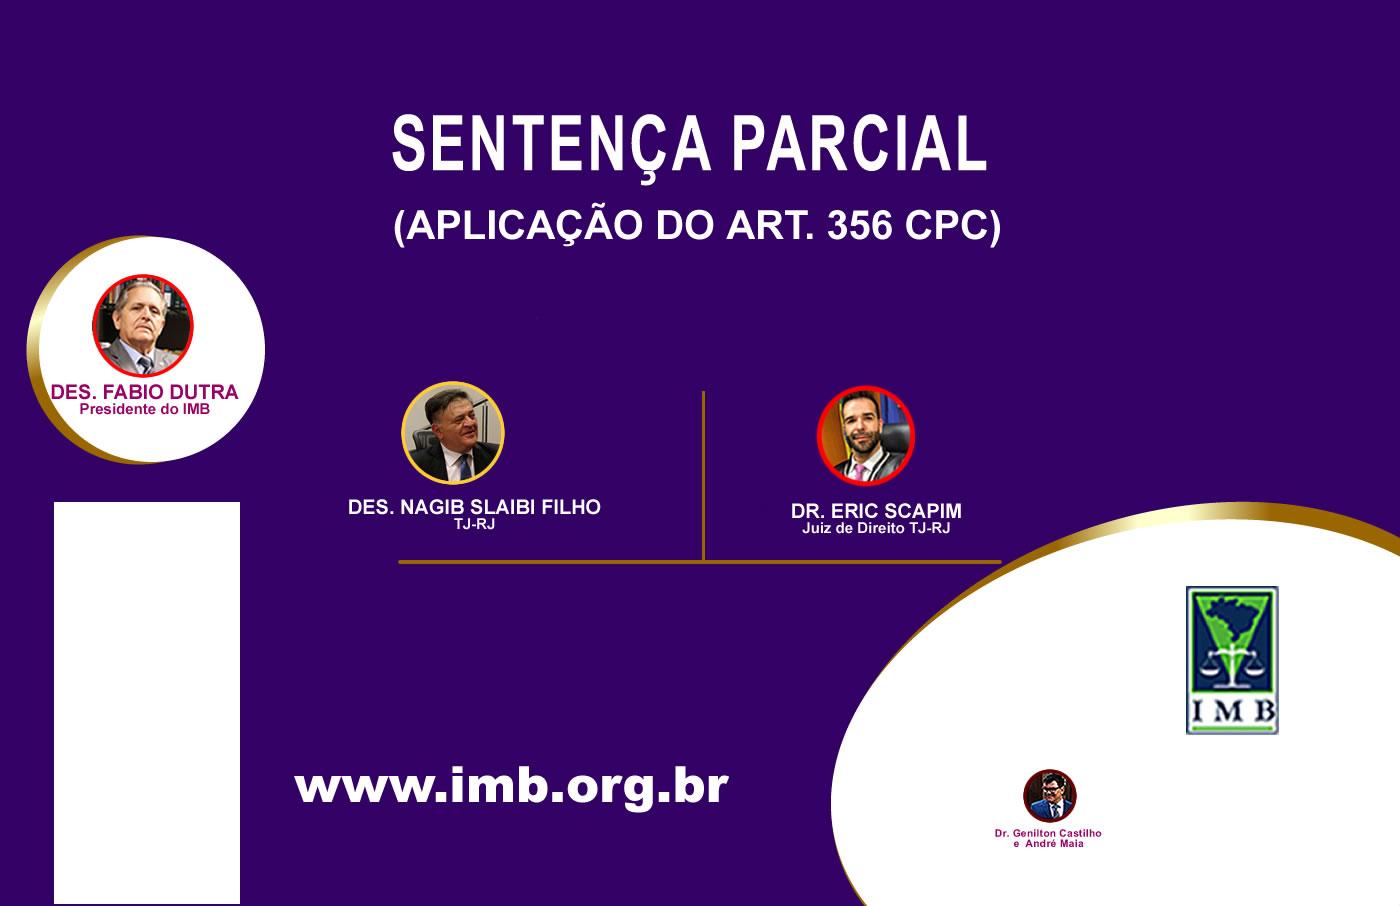 SENTENÇA PARCIAL (APLICAÇÃO DO ART. 356 CPC)